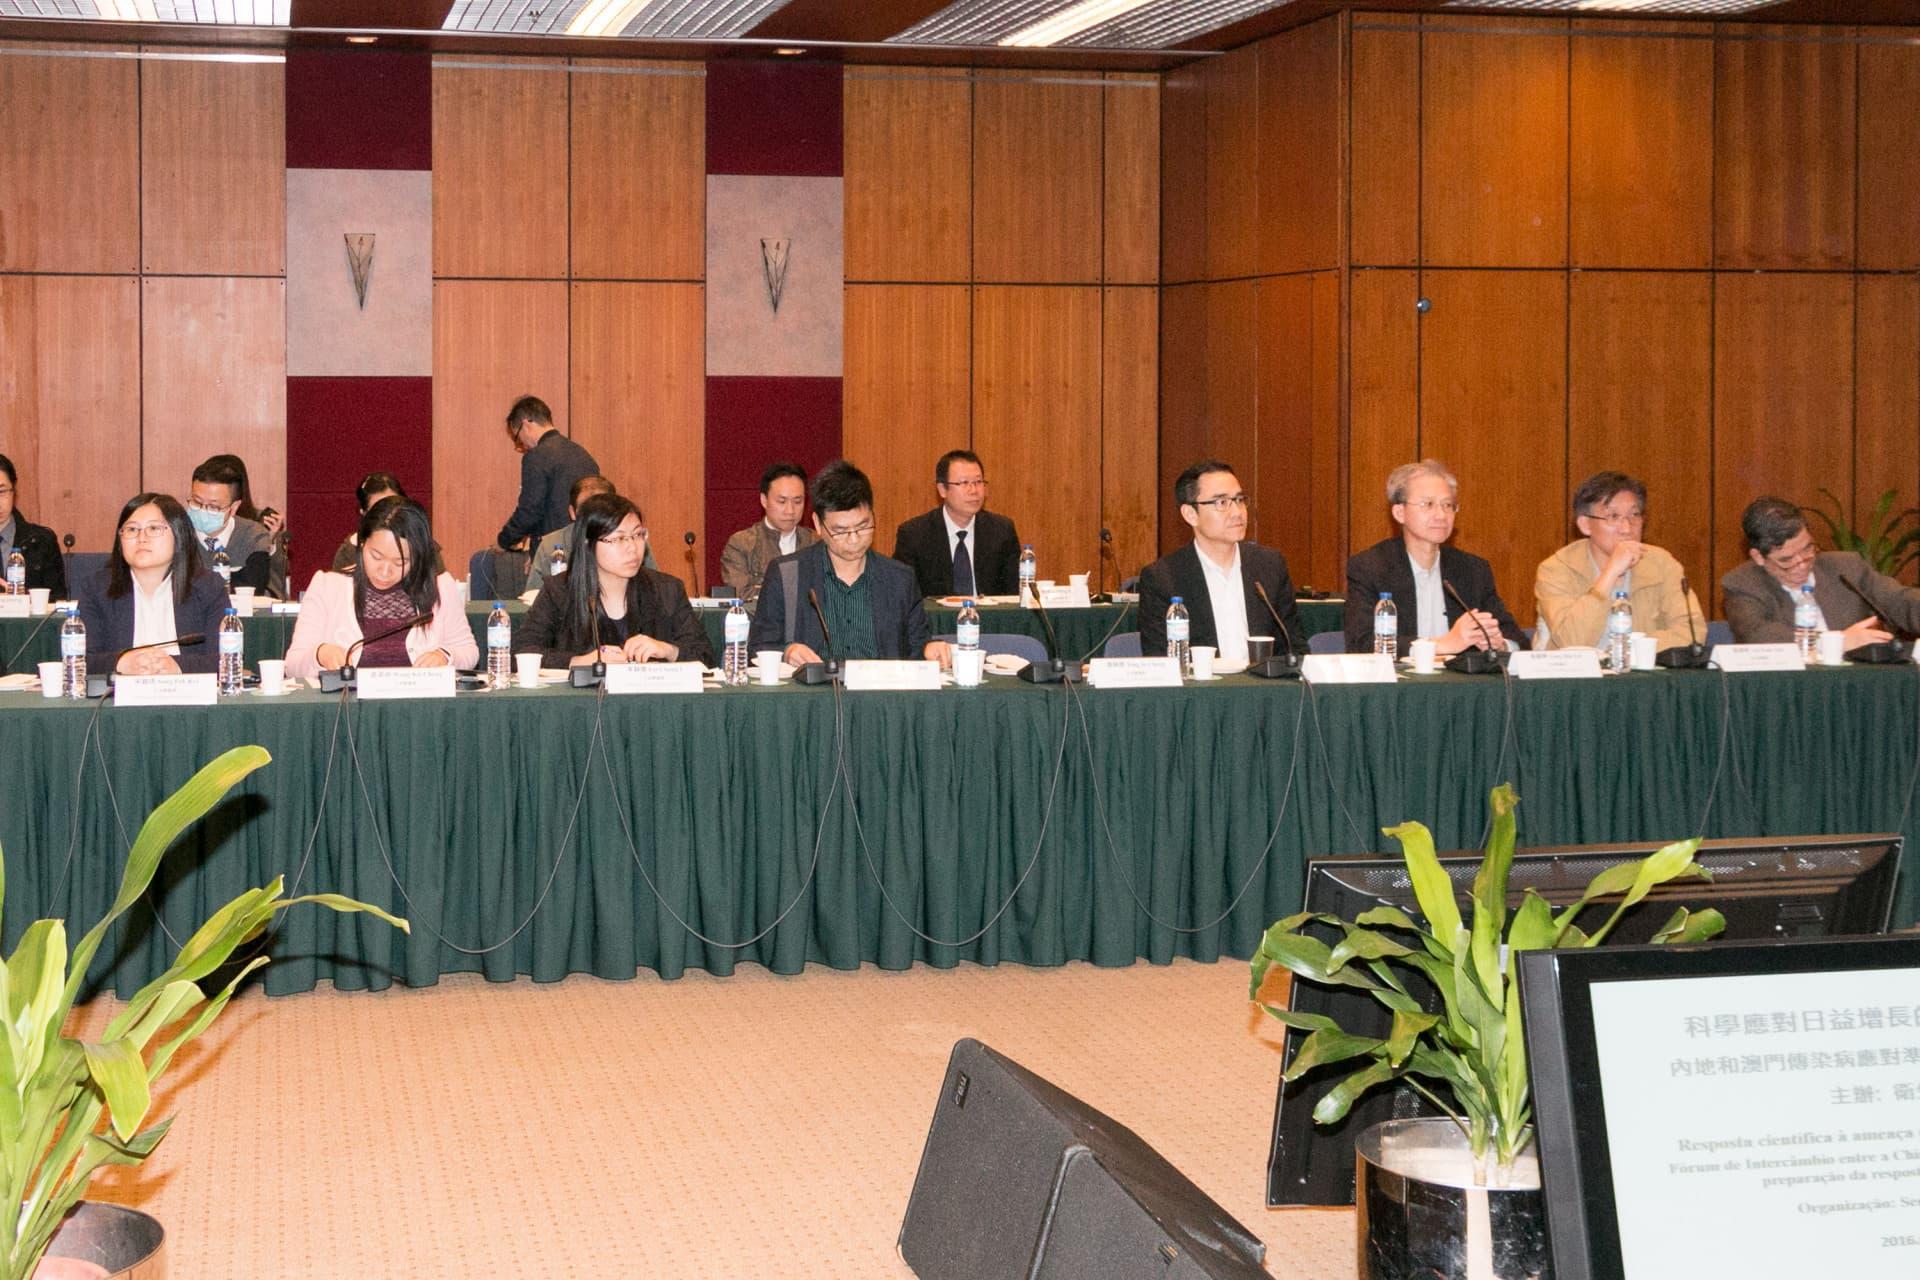 立法會議員列席論壇